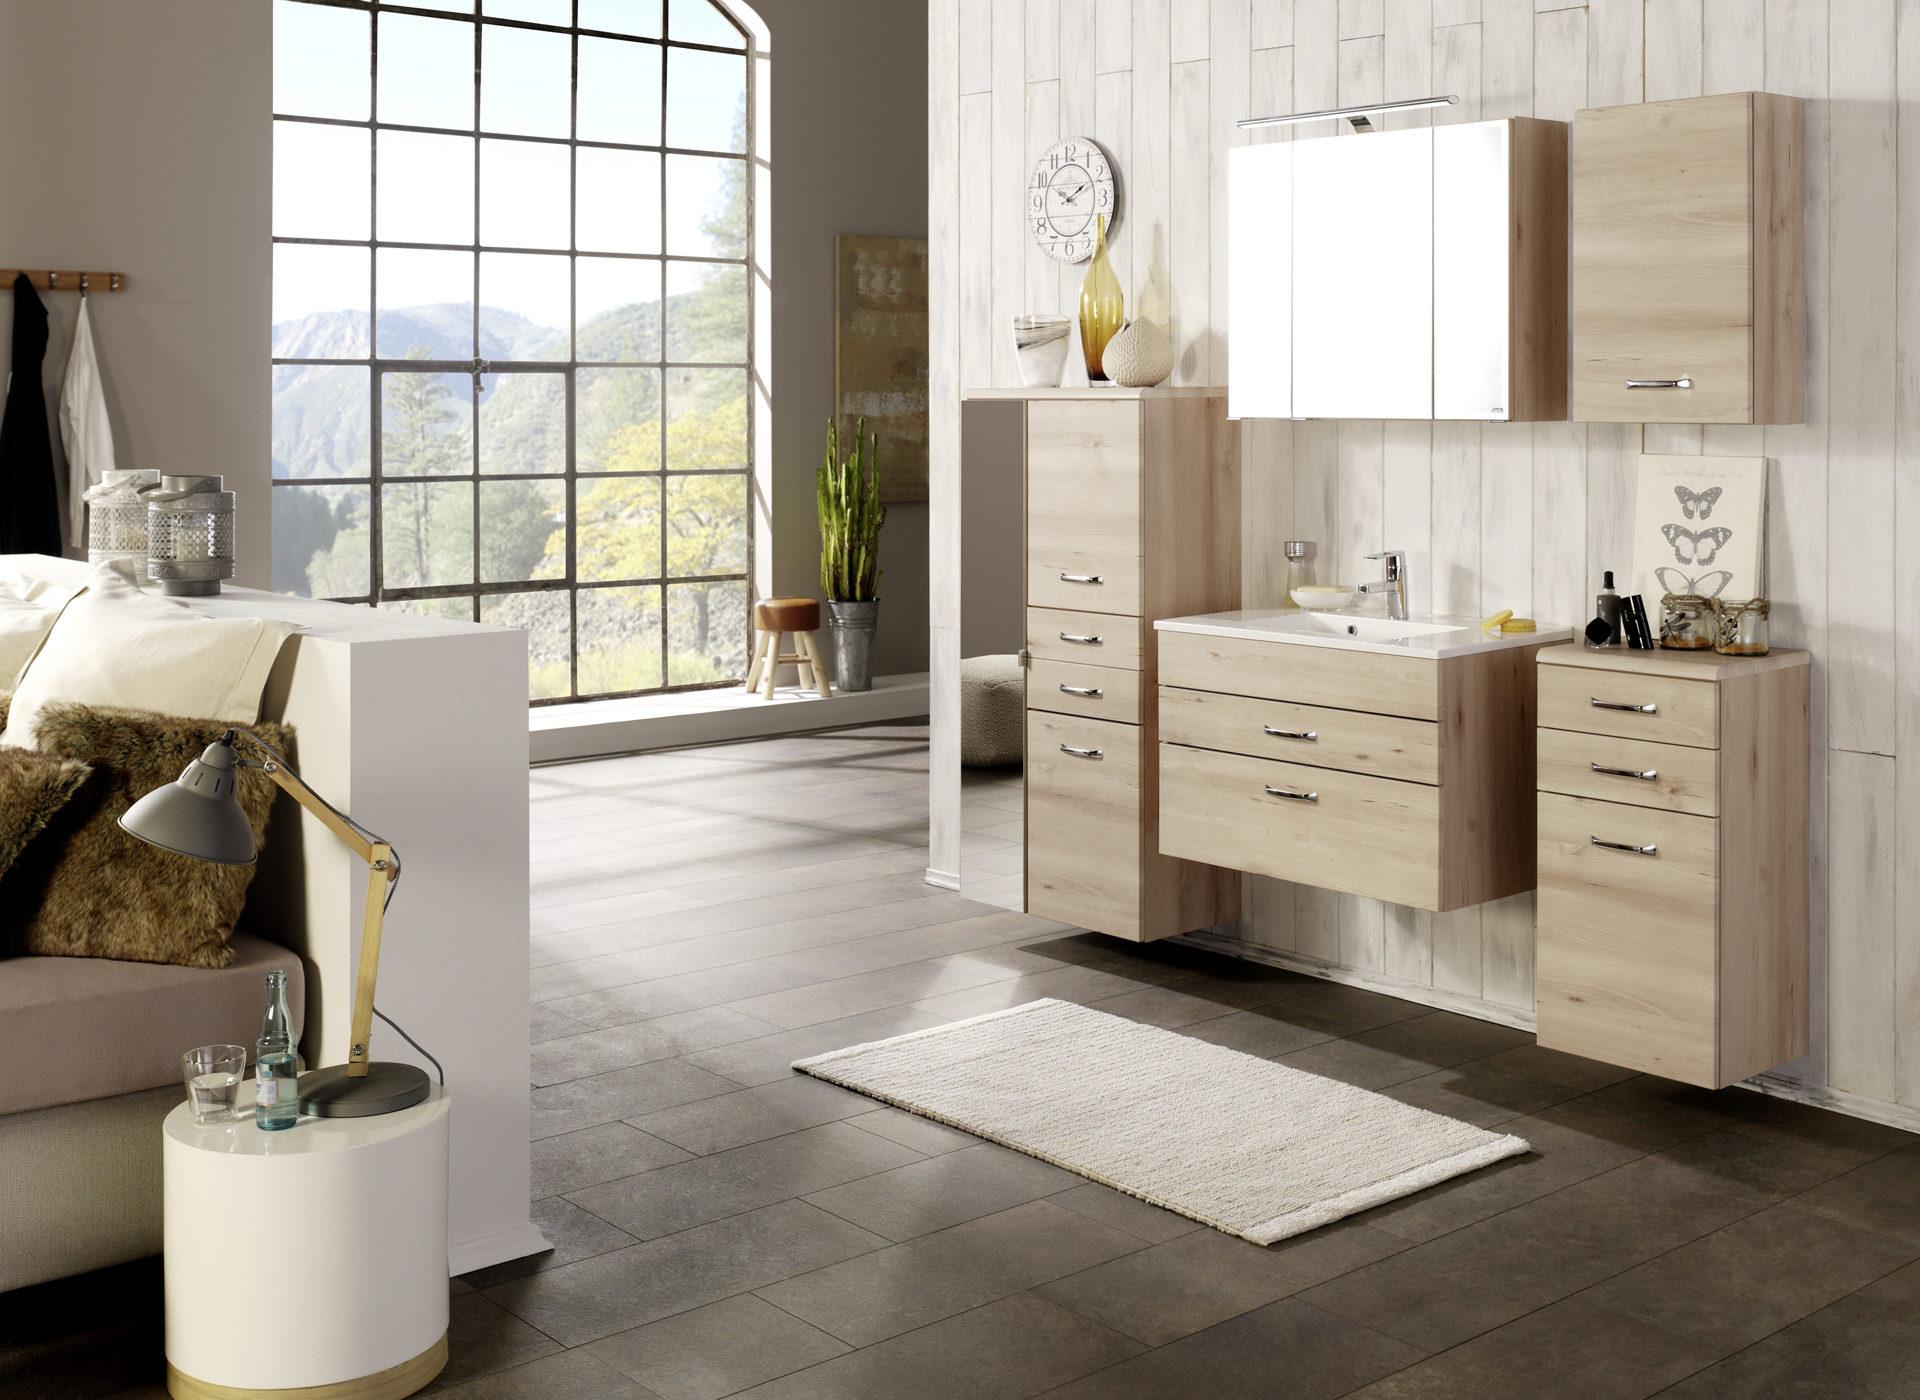 Möbel Boer Coesfeld, Räume, Badezimmer, Spiegelschränke + Spiegel ...